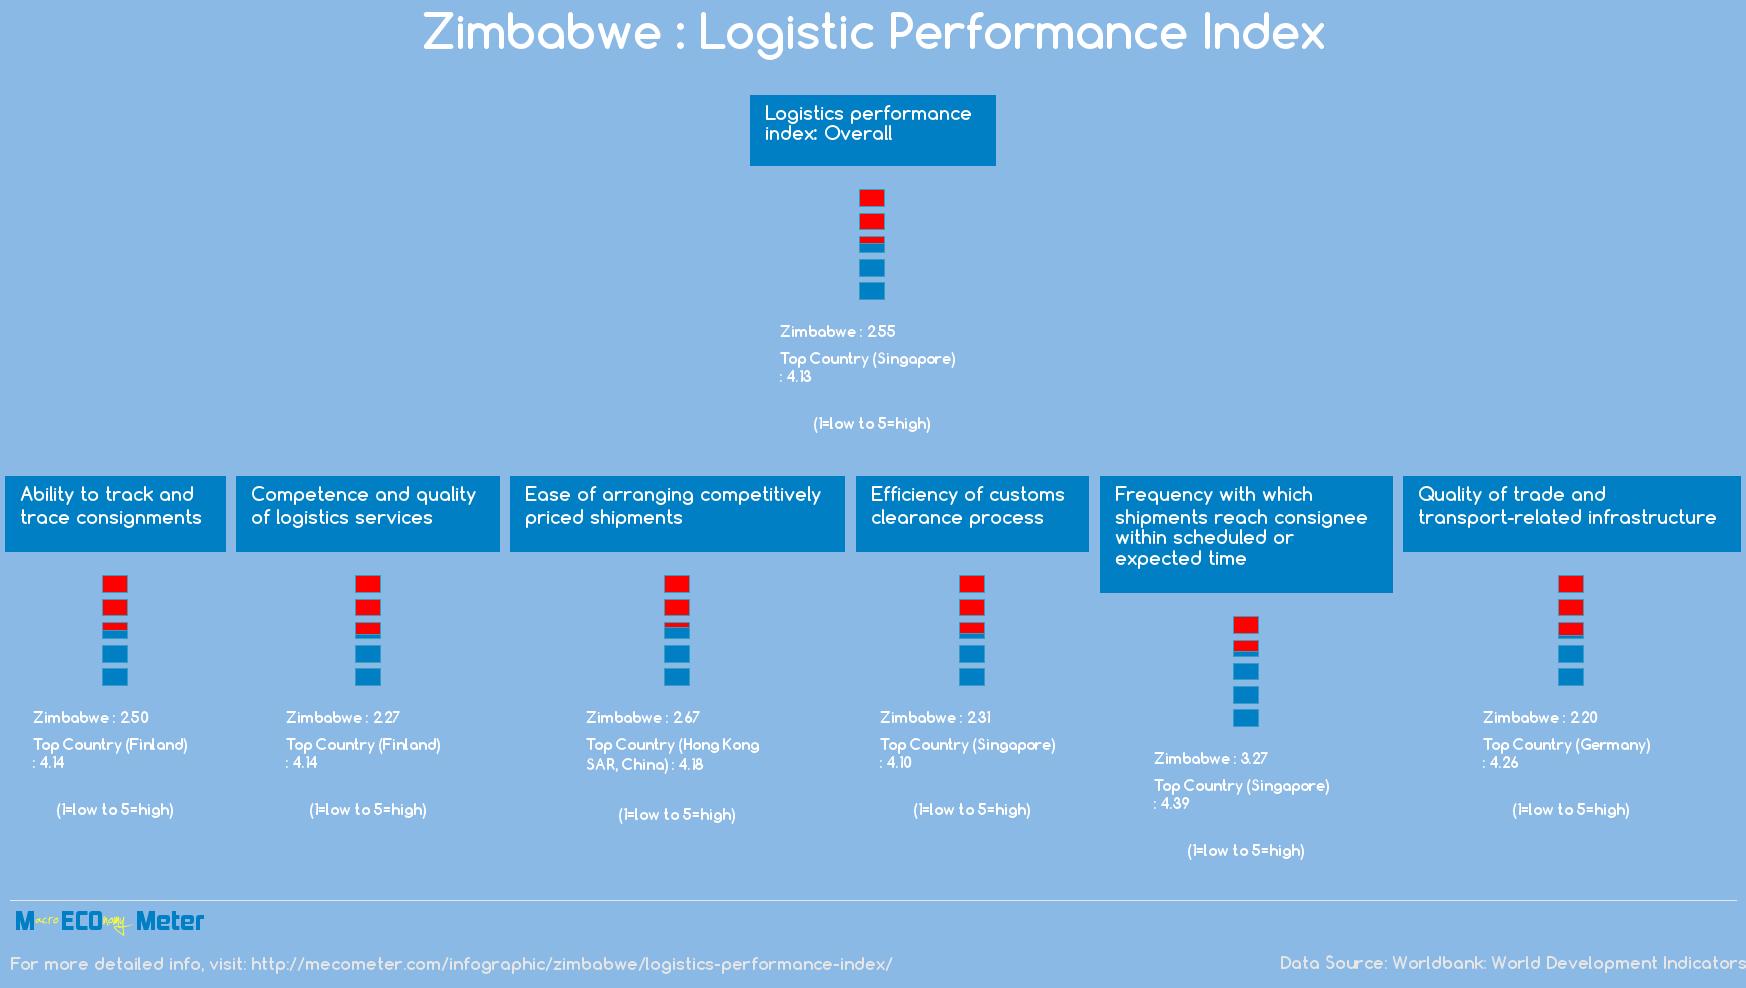 Zimbabwe : Logistic Performance Index